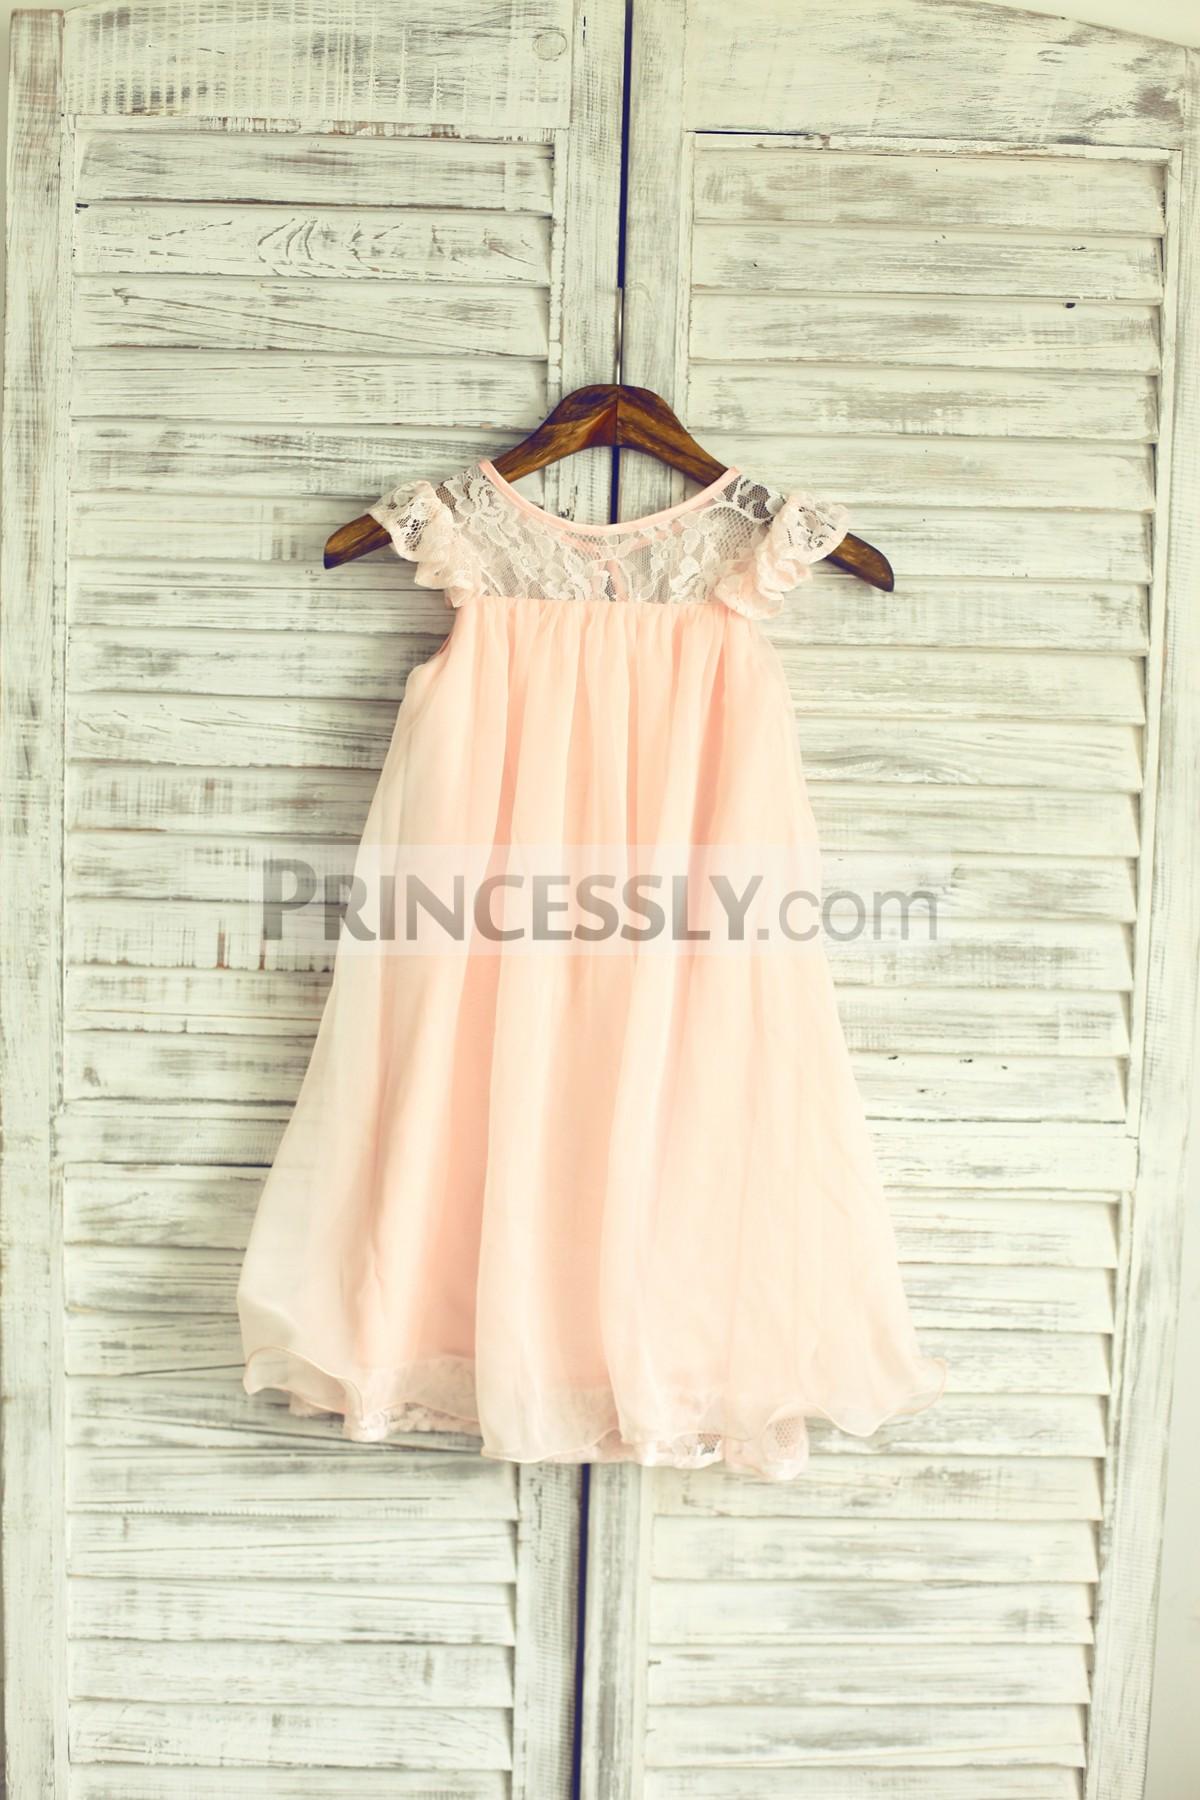 Blush pink chiffon wedding baby girl dress